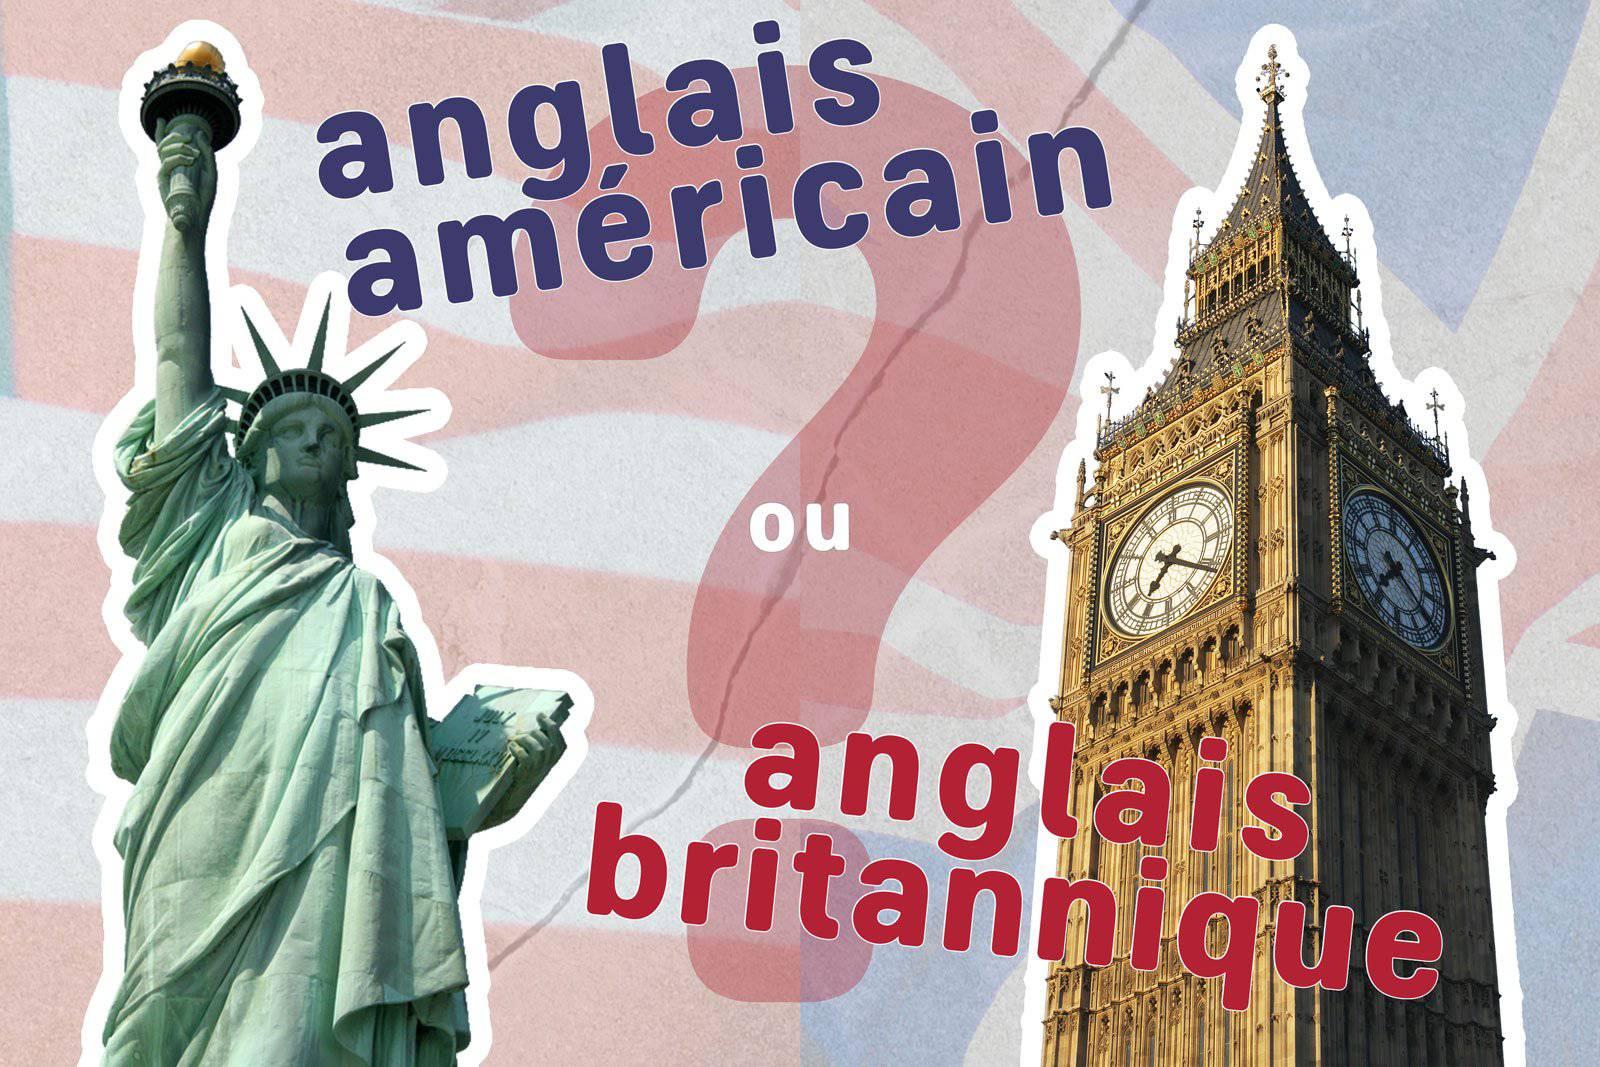 anglais am u00e9ricain ou britannique    u00b7 quel dialecte anglais apprendre